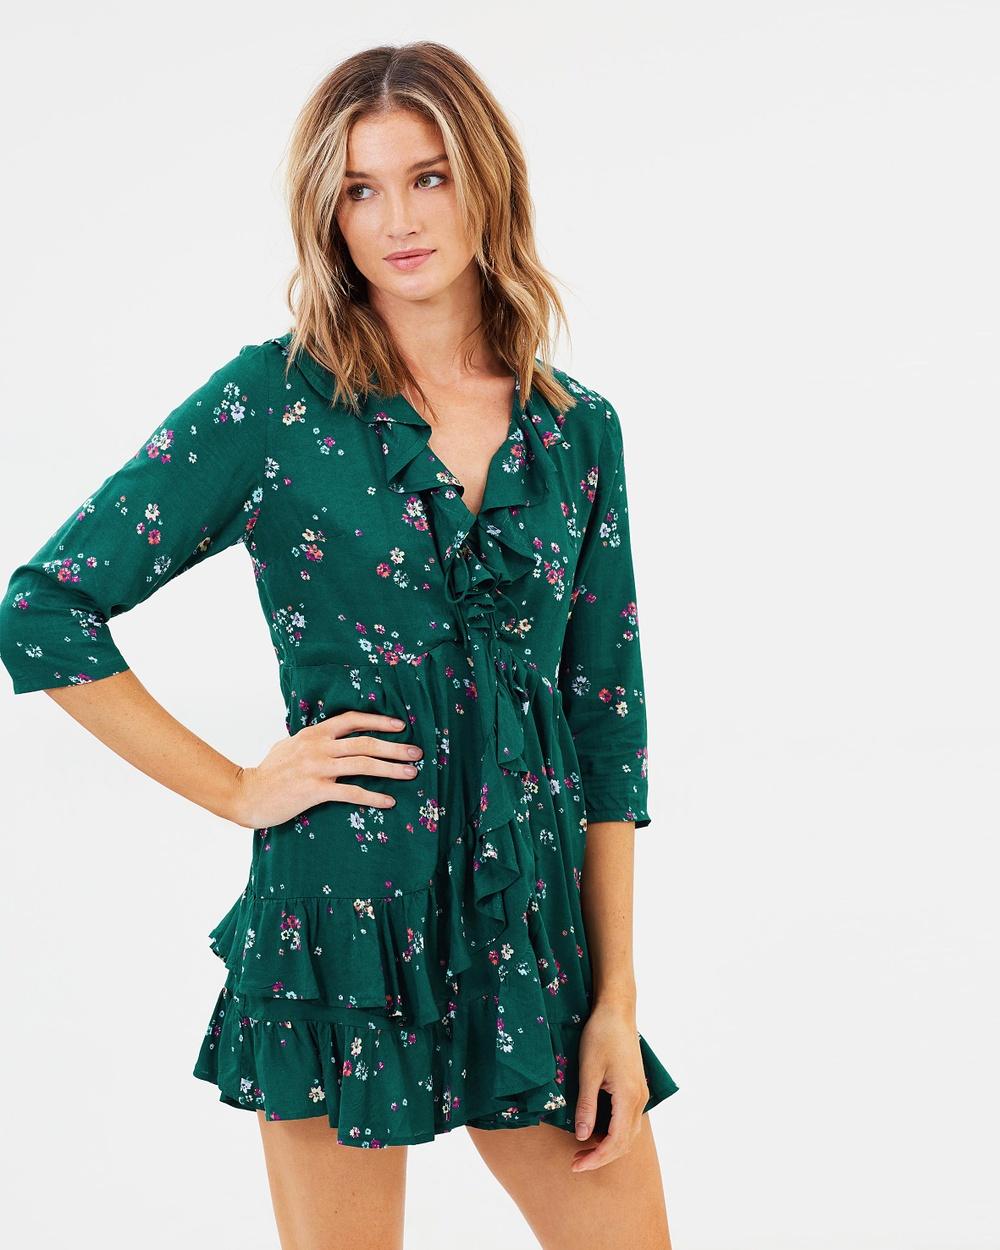 Auguste The Label Desert Dandelion Grace Mini Dress Dresses Emerald Desert Dandelion Grace Mini Dress